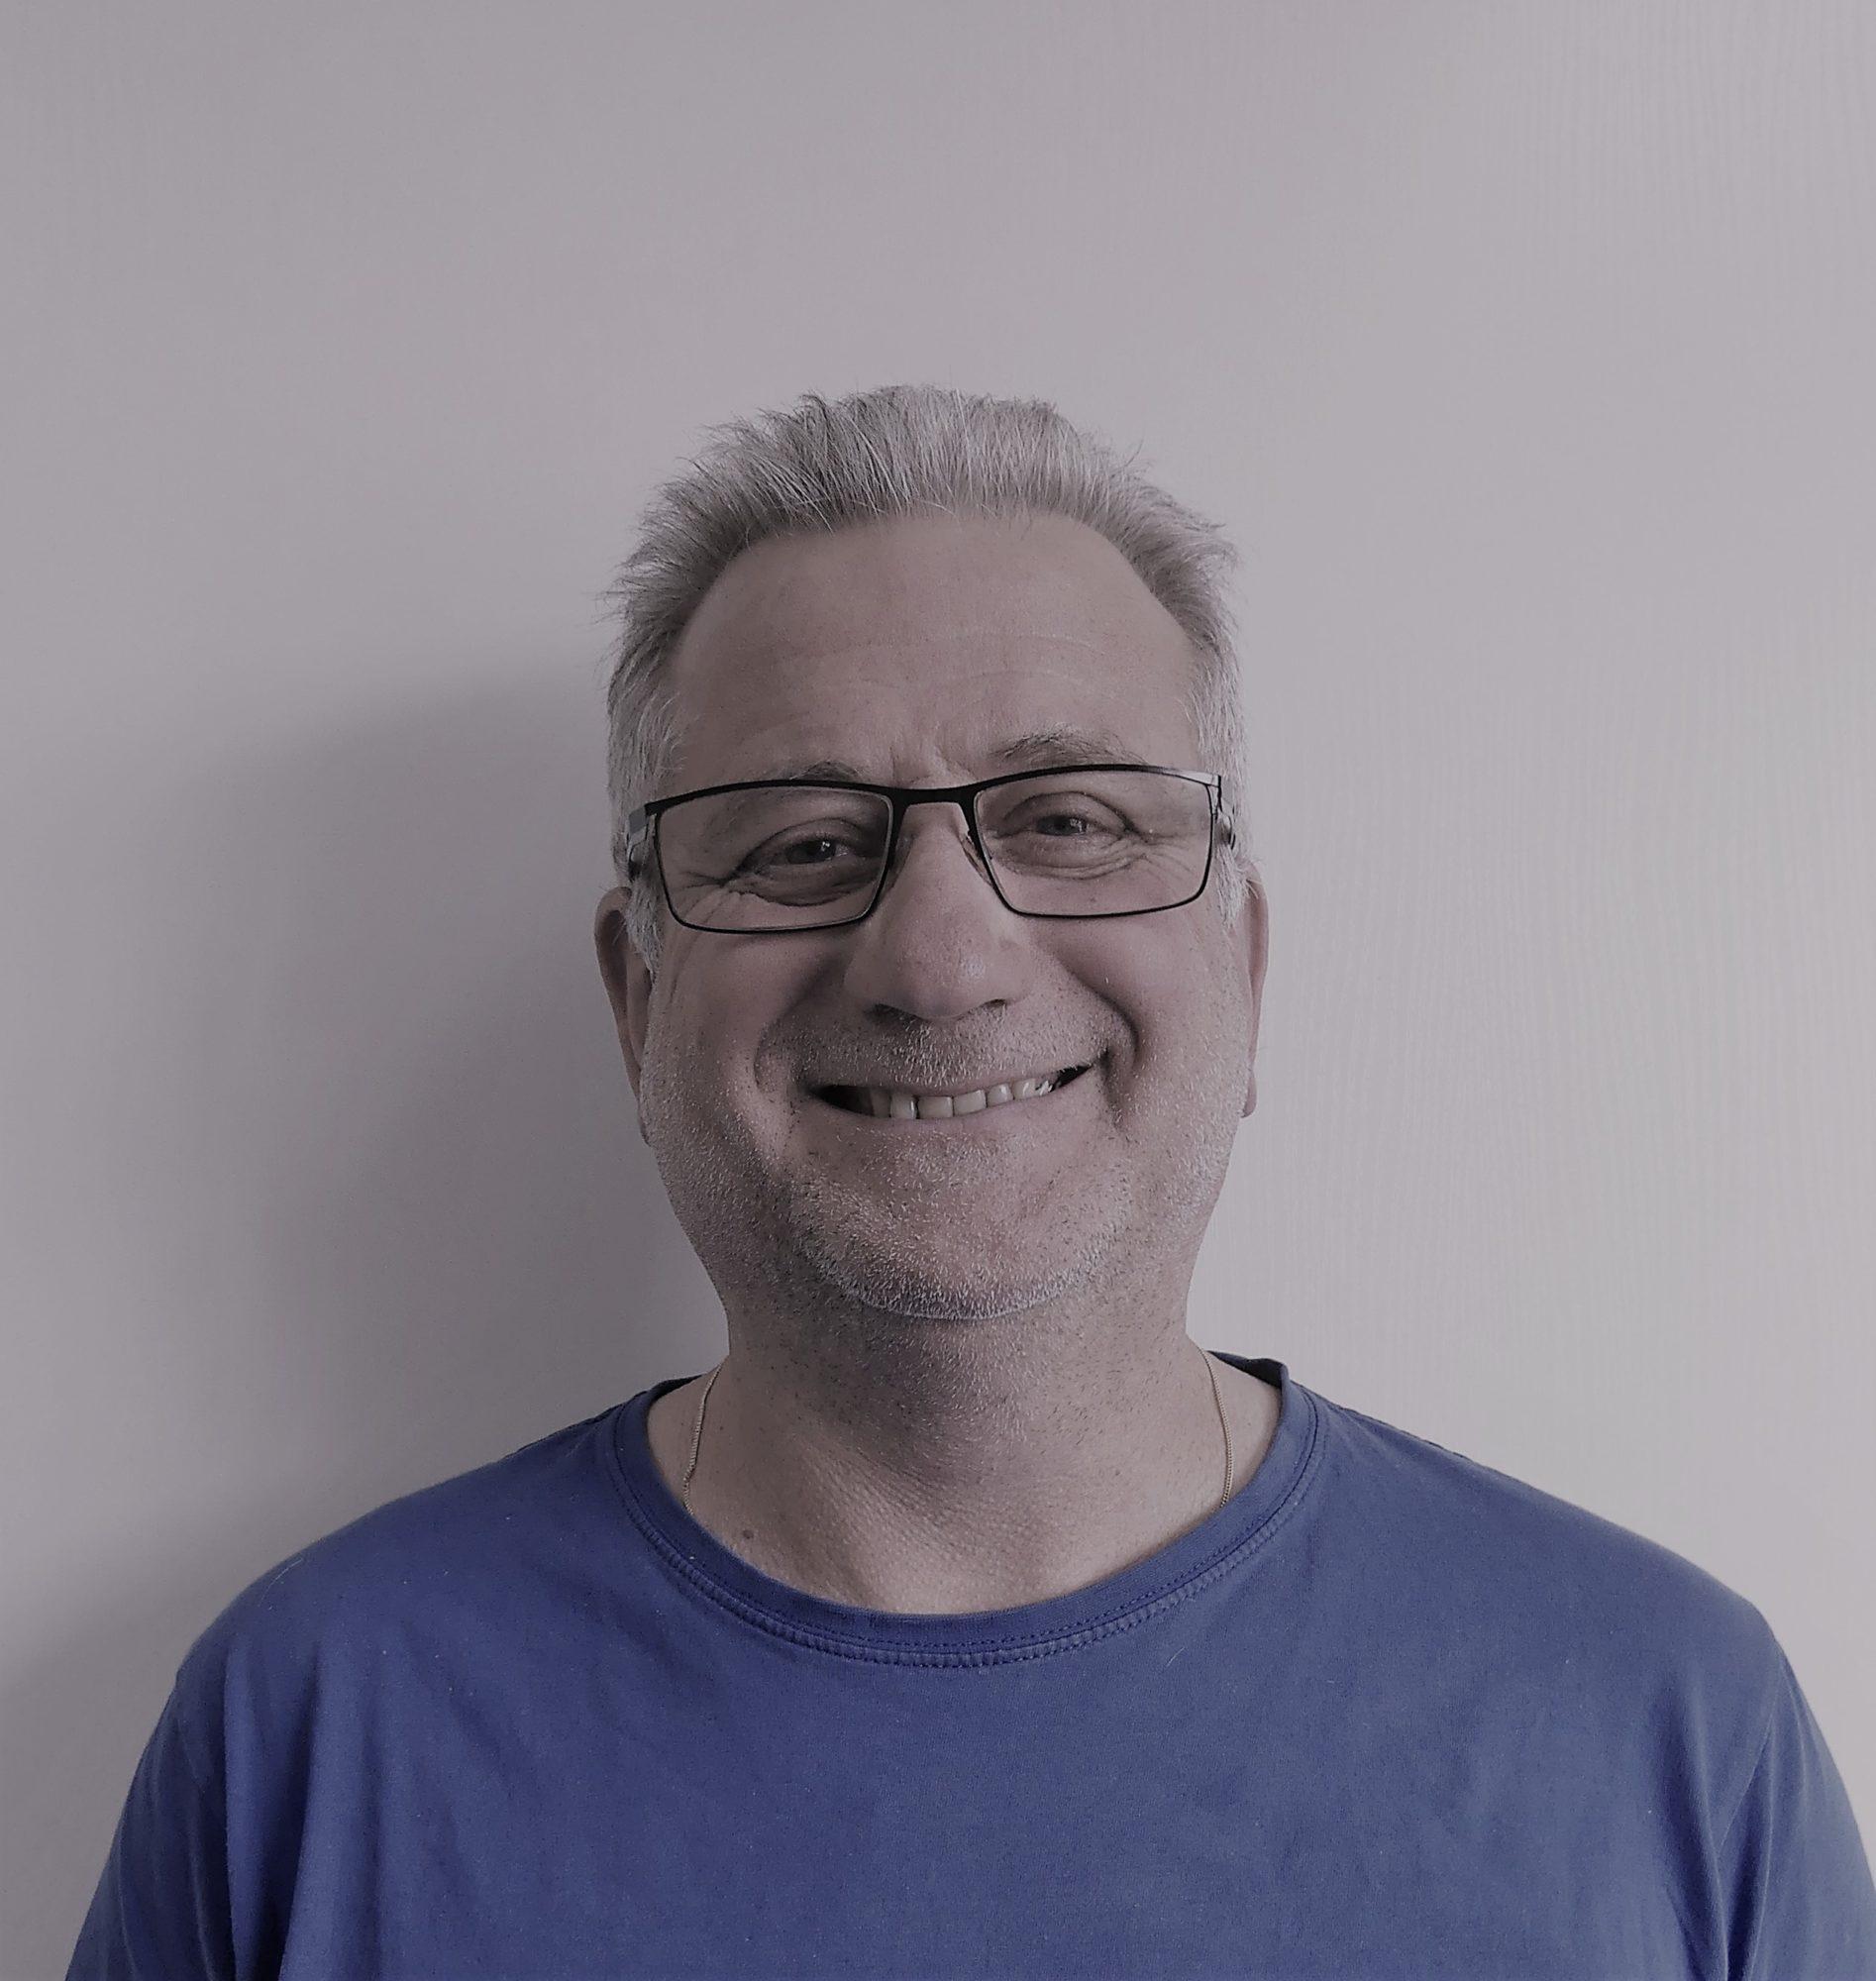 Jacques Artis